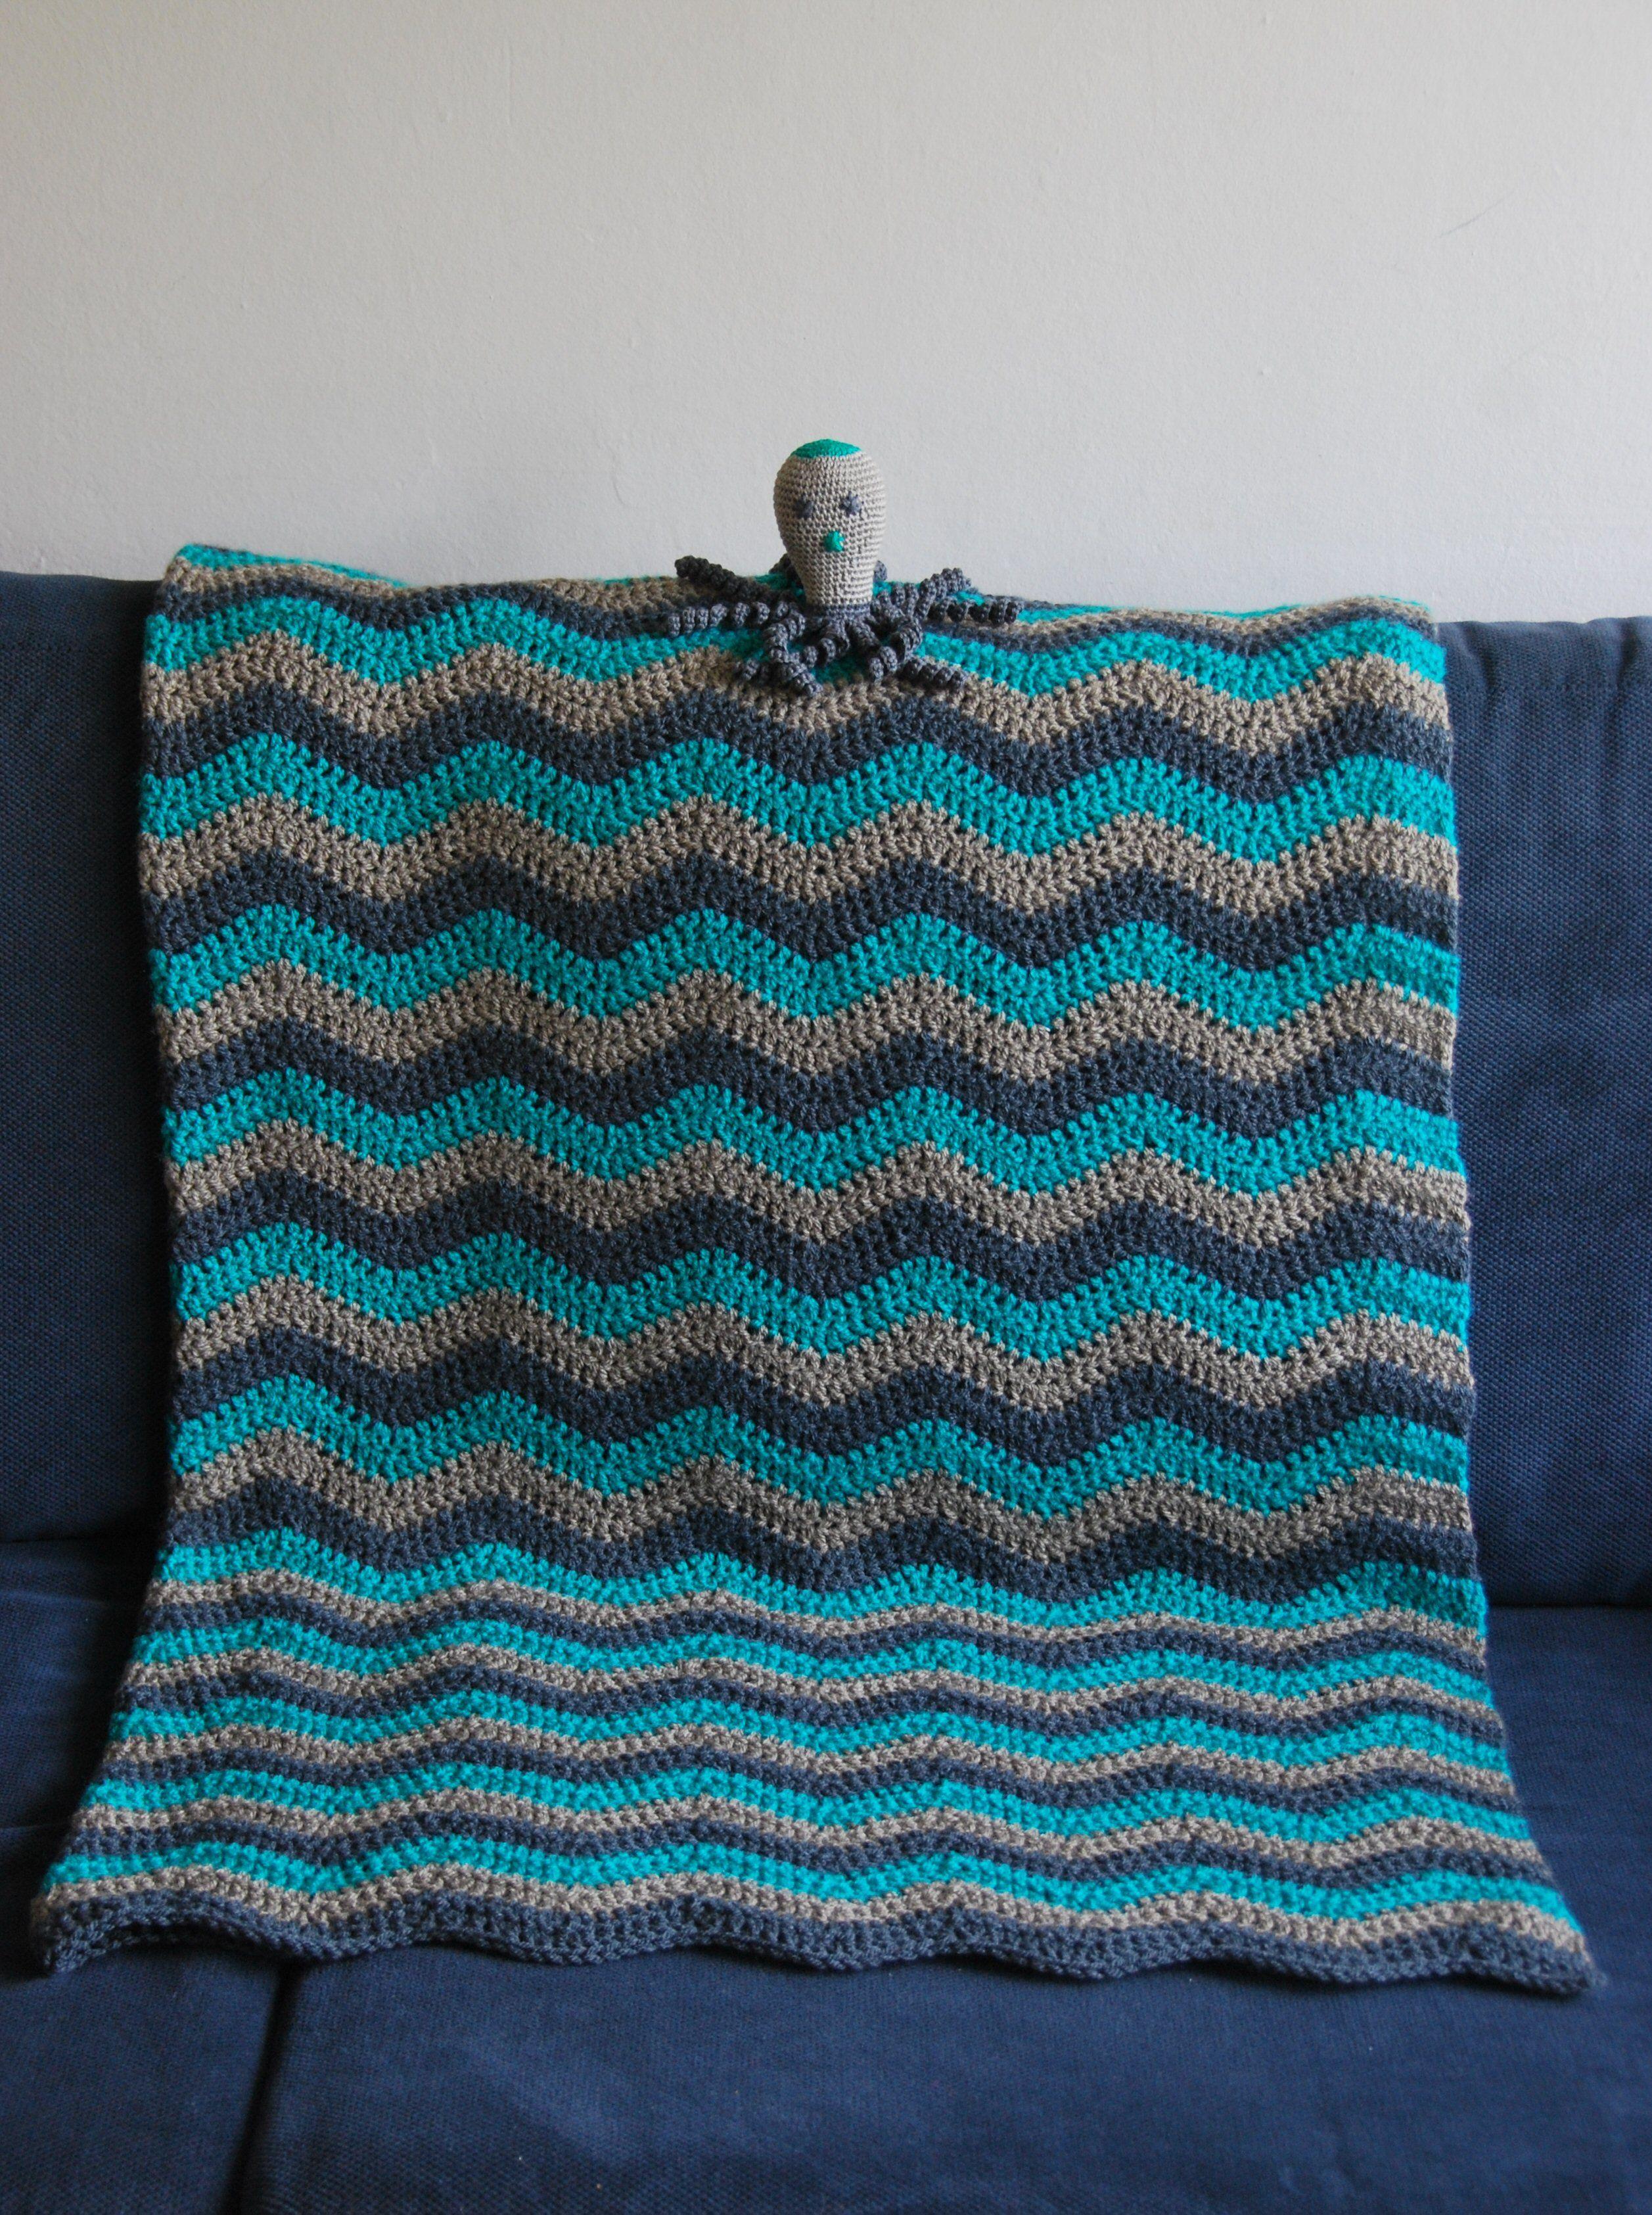 Baby dekentje gehaakt met bijpassende inktvis knuffel. ripple crochet blanket and Squid